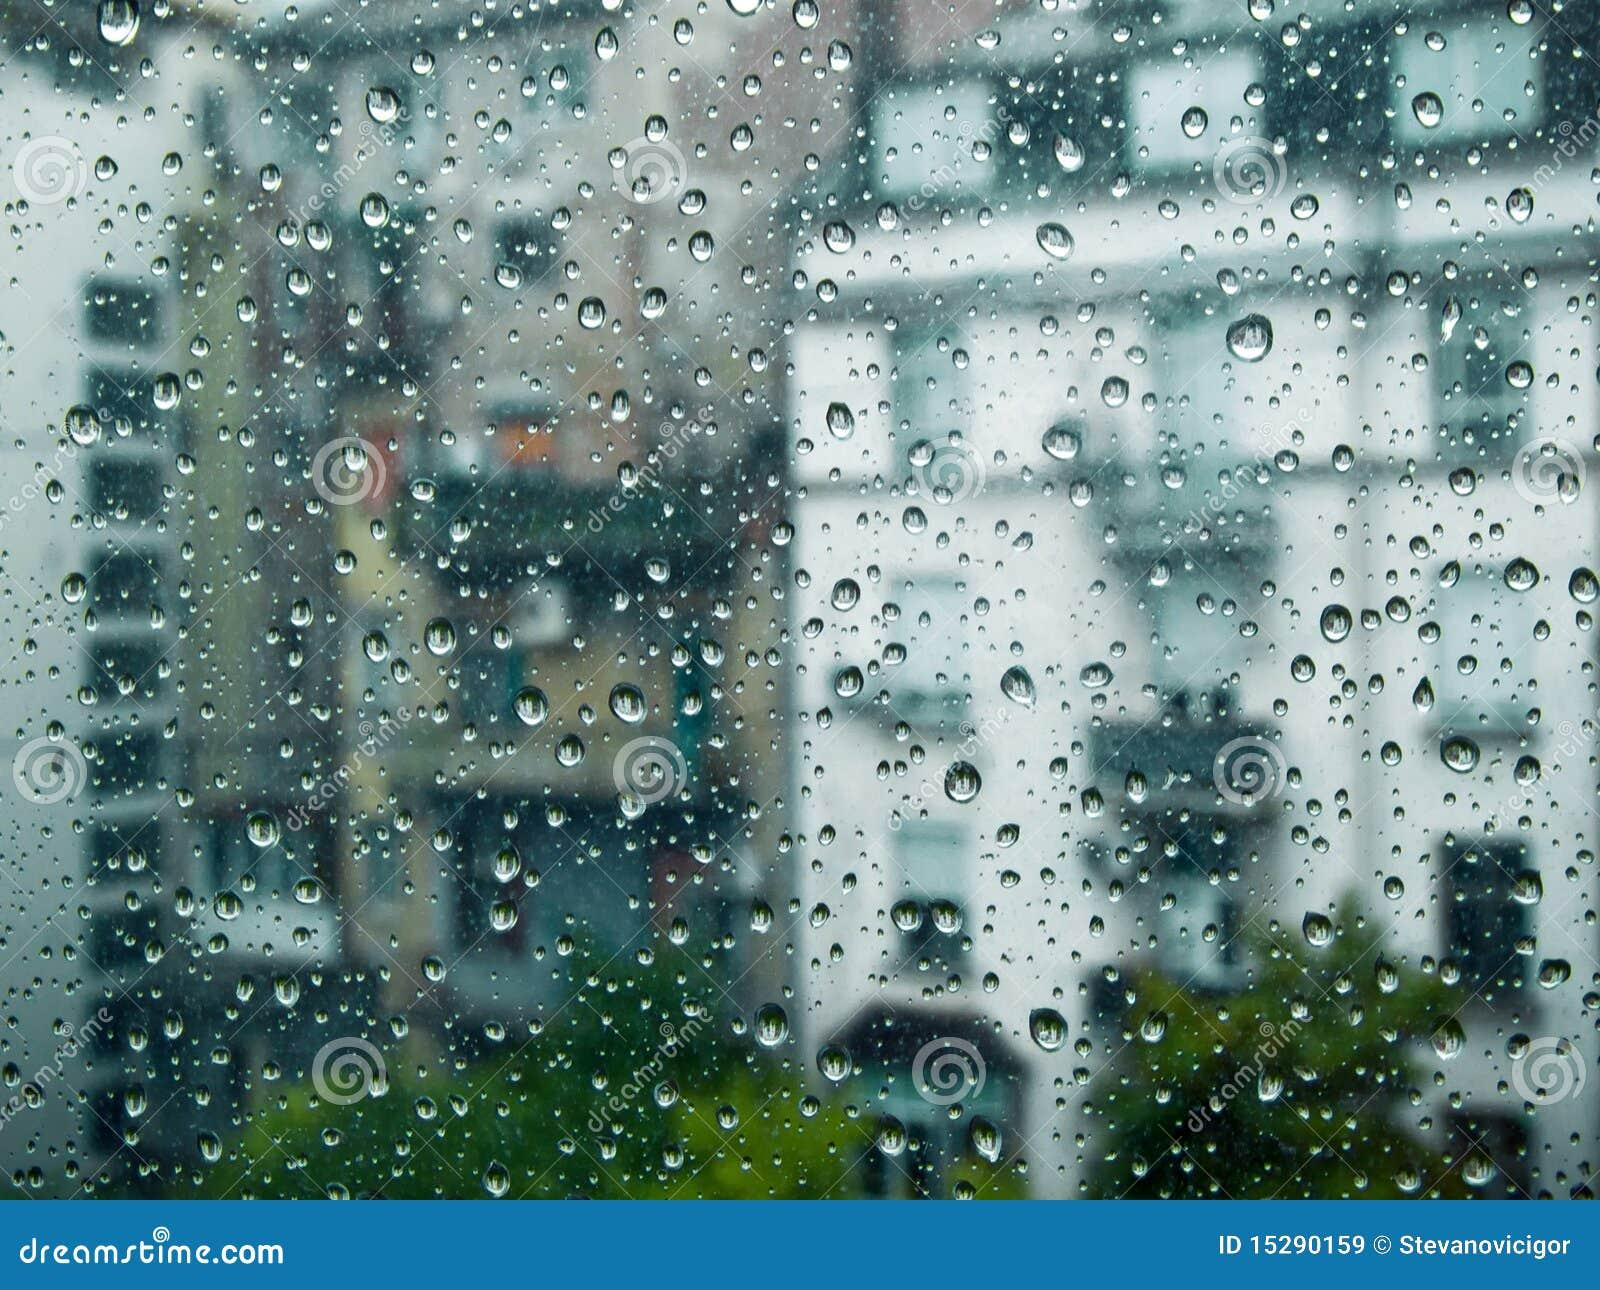 опять дождь картинки